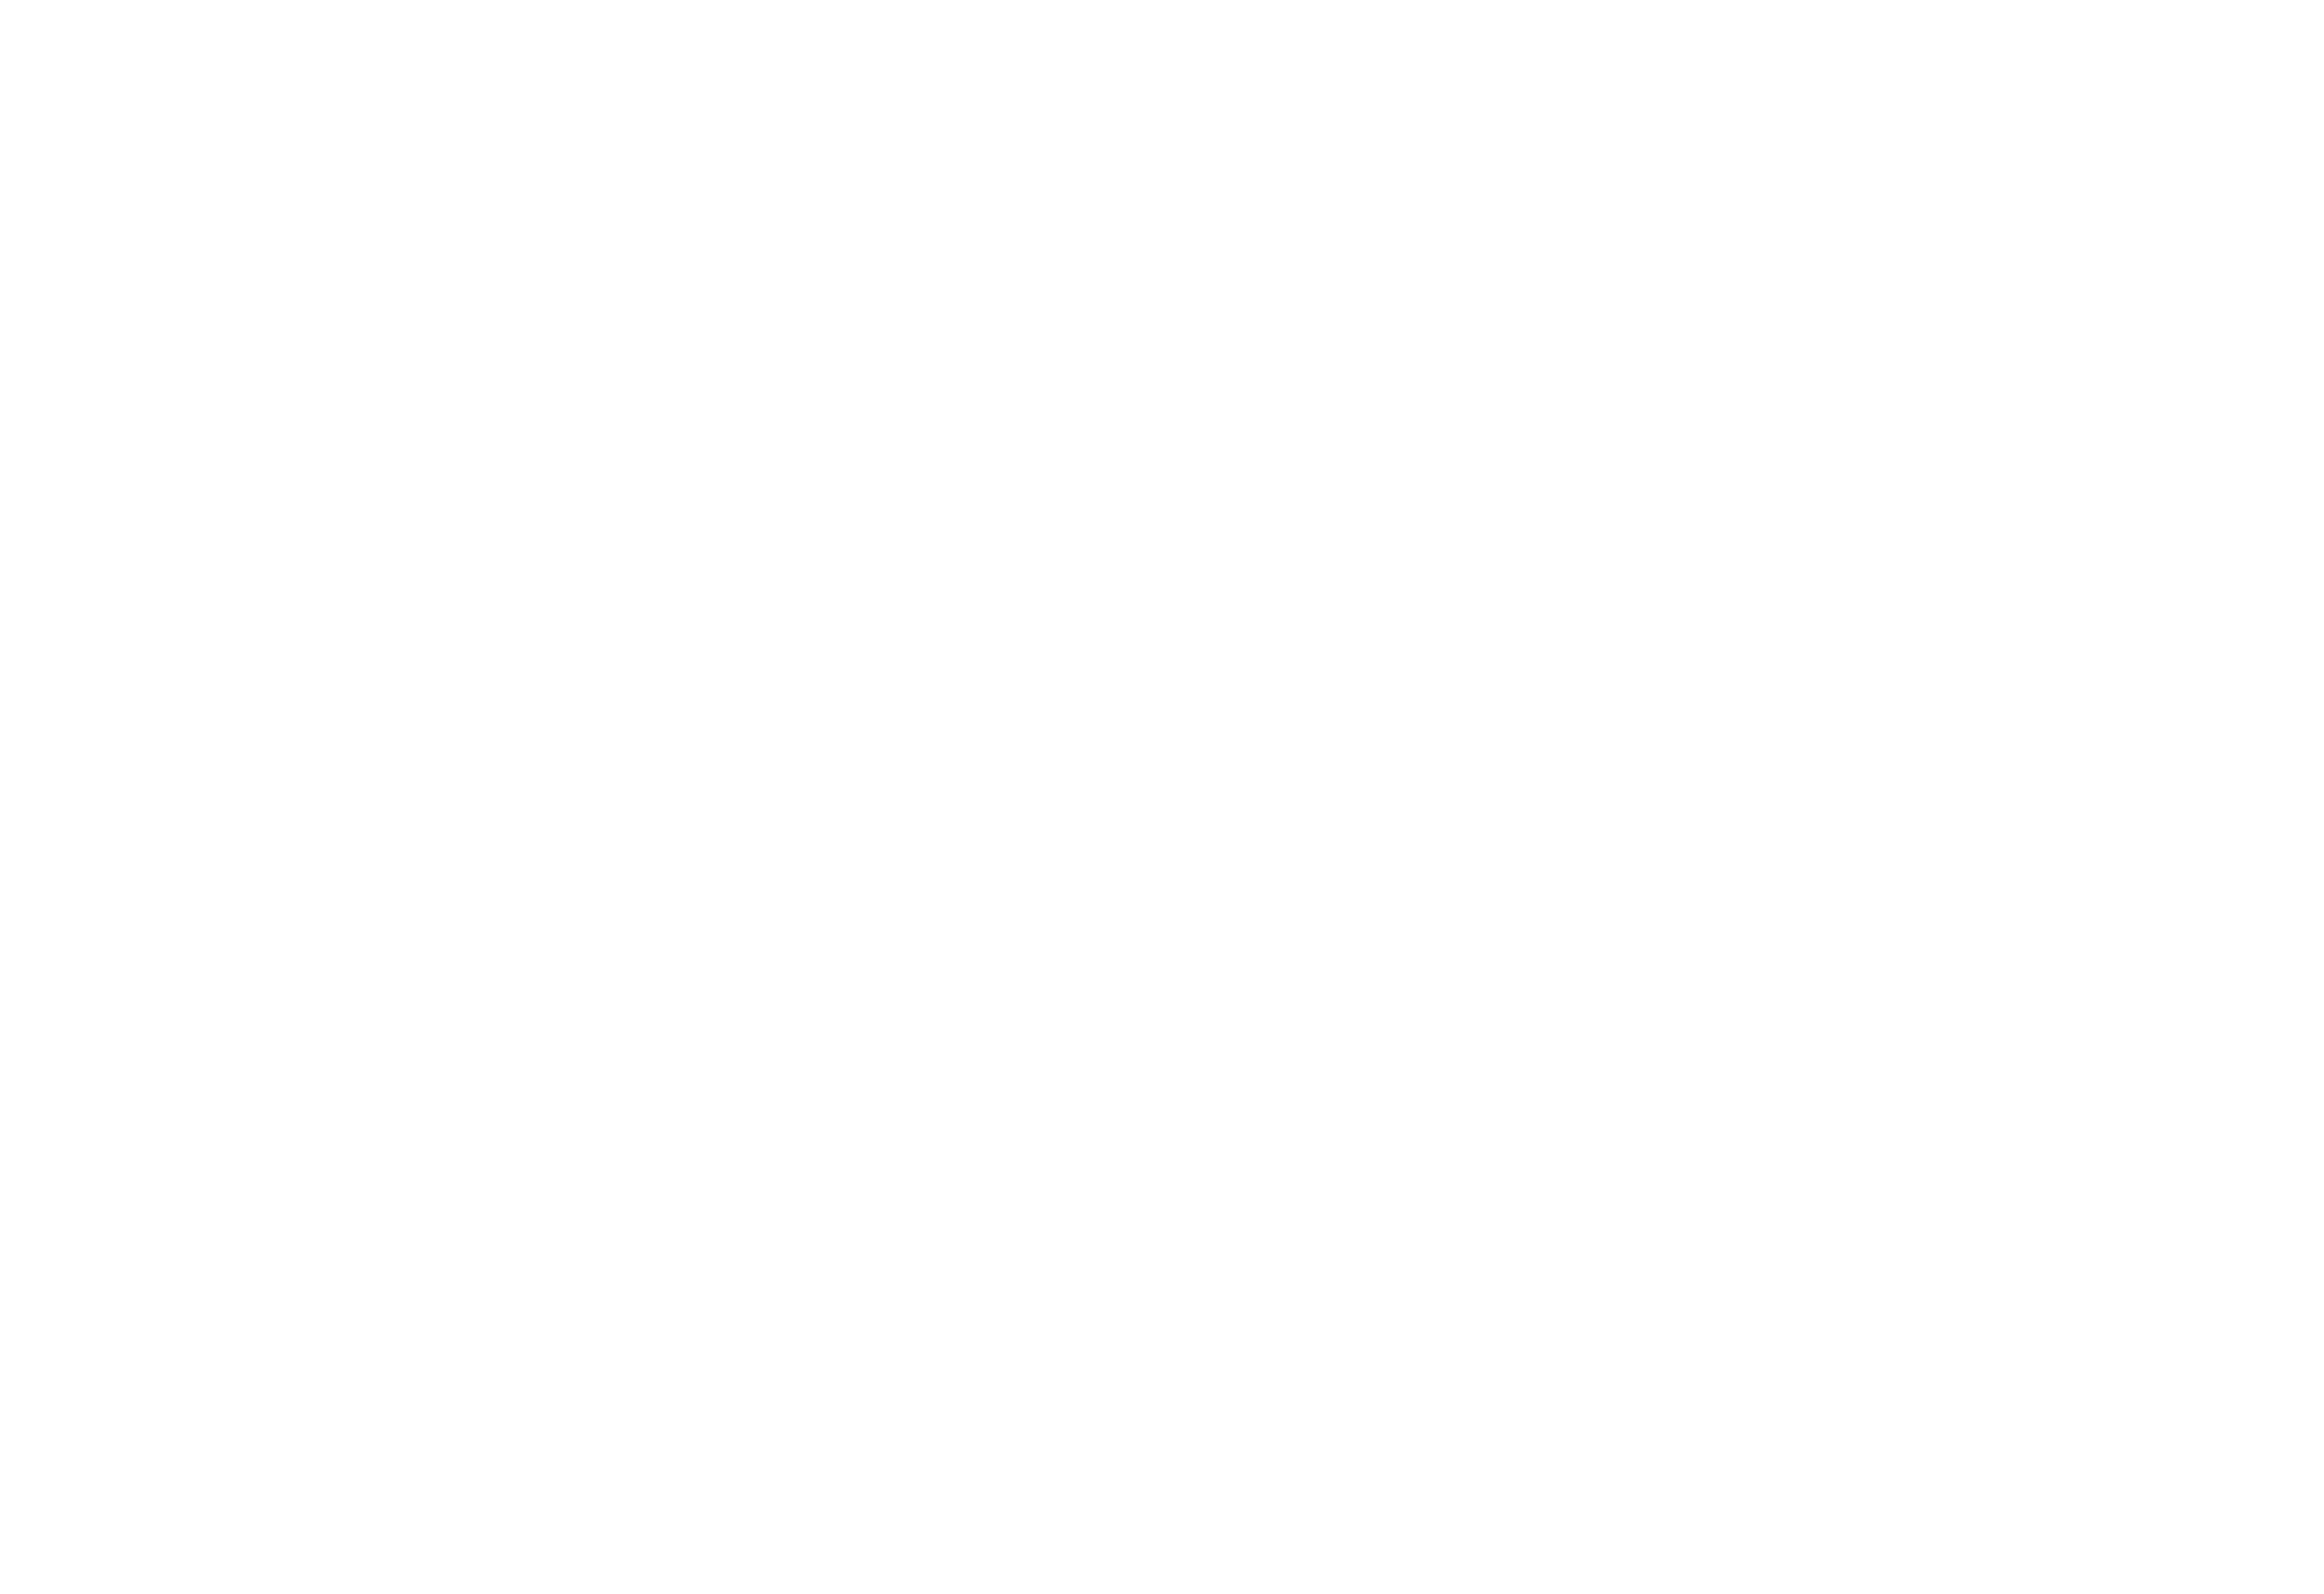 Nicholas Auen